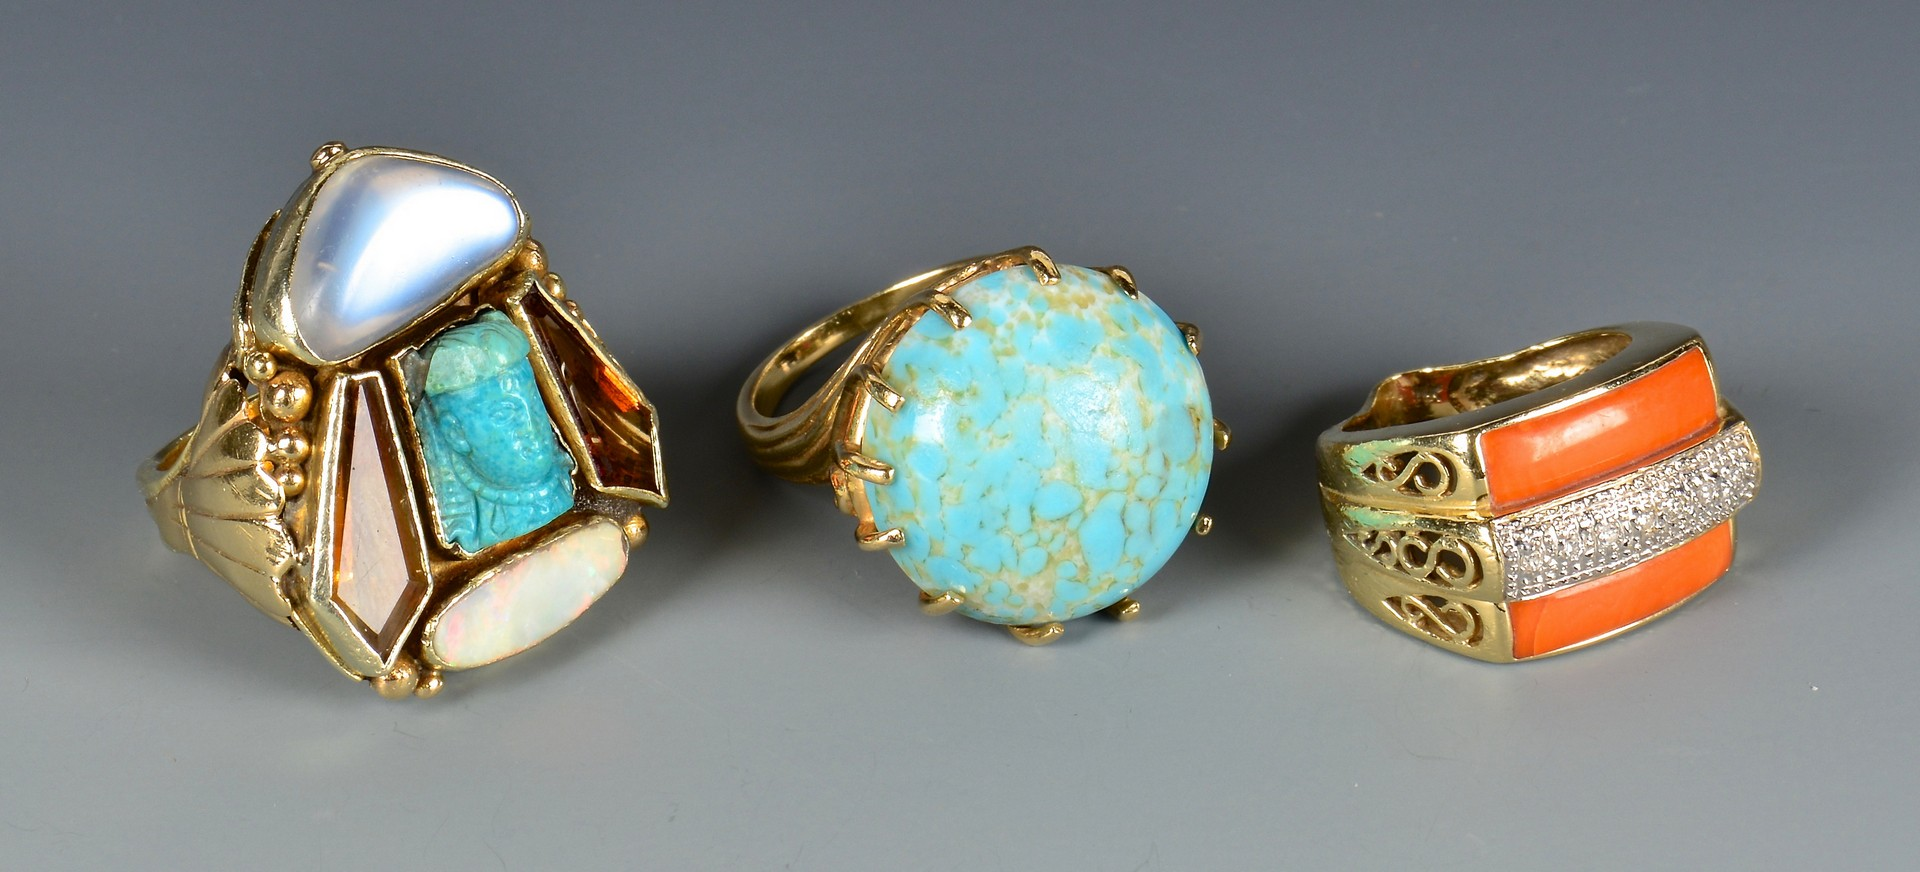 Lot 791: Three 14K Fashion Rings